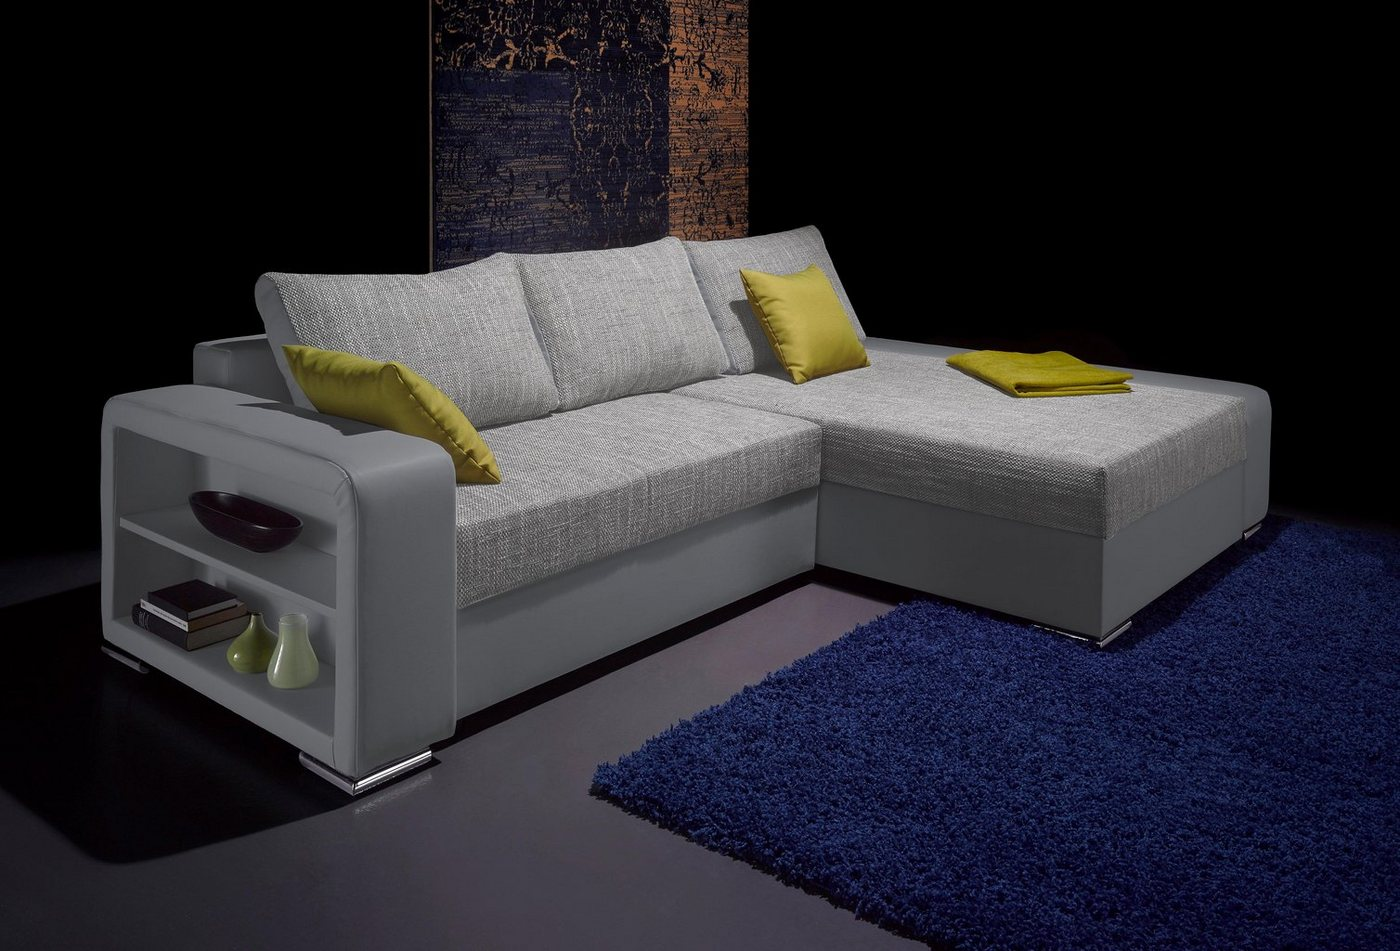 Hoekbank XL met armleuning met vakken eronder, naar keuze als slaapbank met bedkist